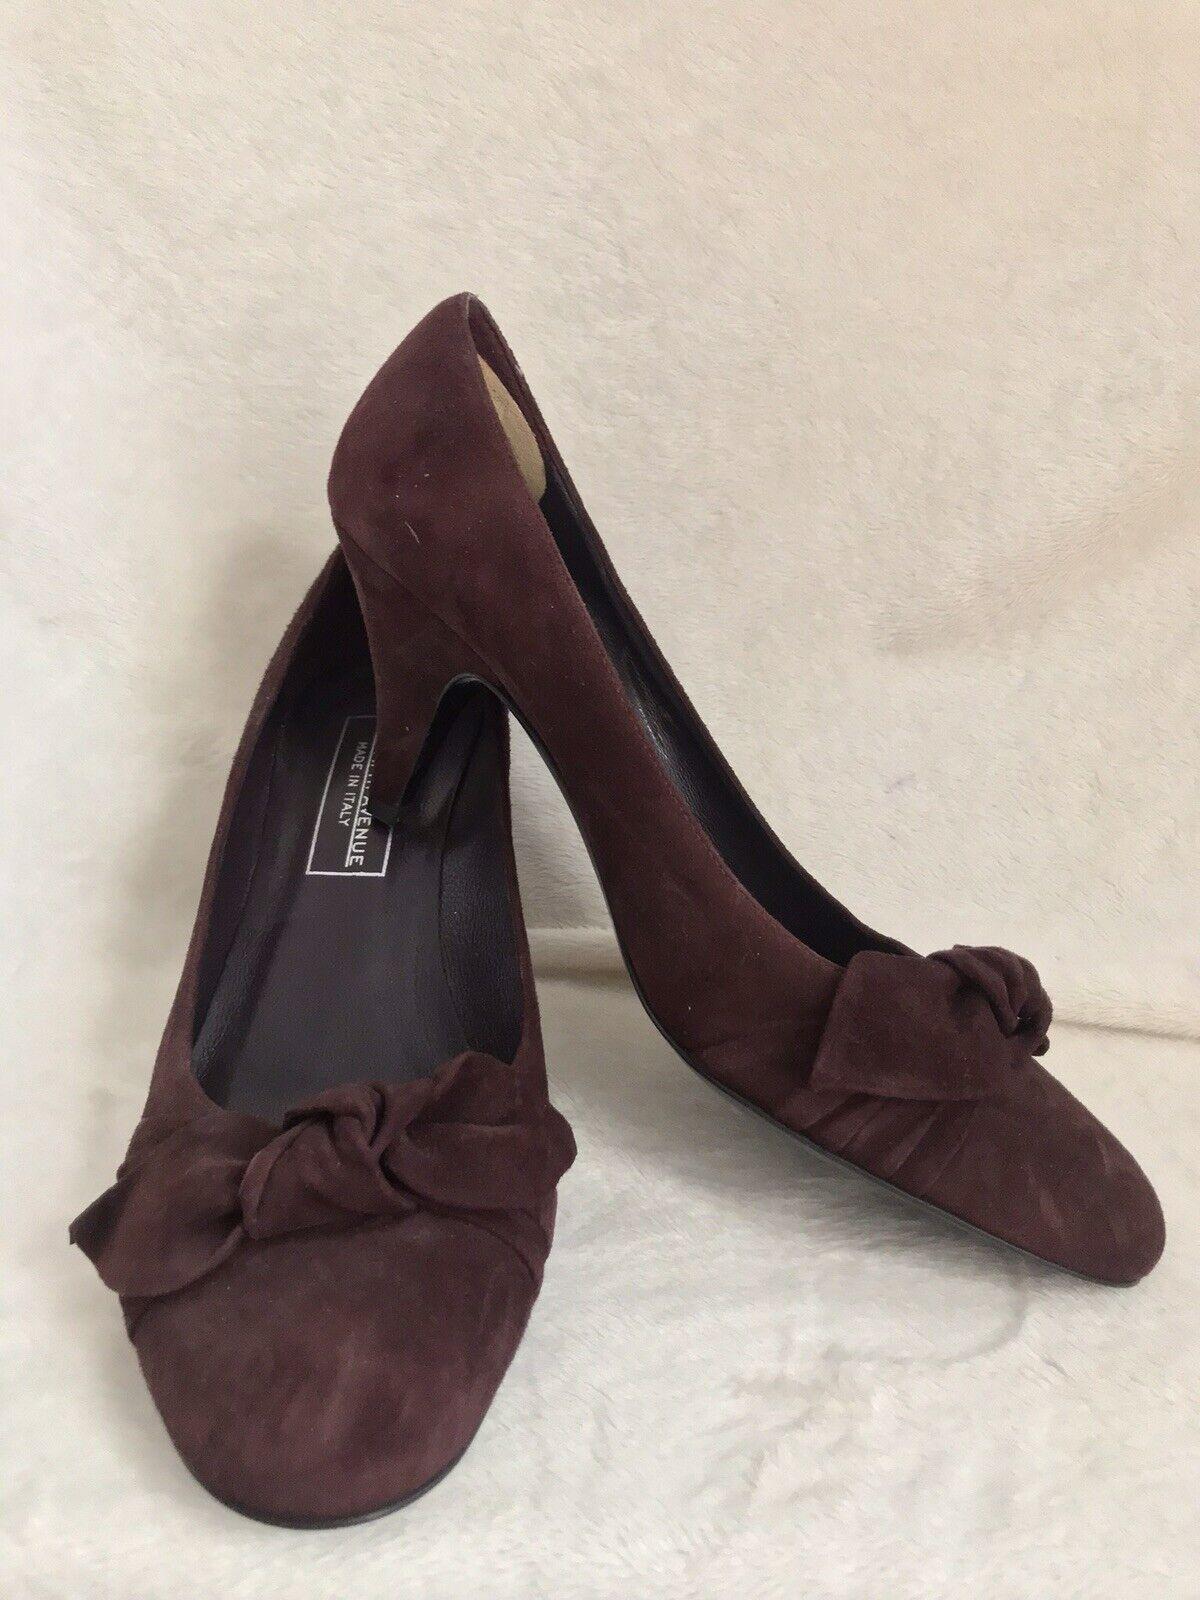 NUOVO SAKS 5TH AVE Borgogna Sue Leather  Pump Scarpe, misura 8.5, Kitten Heel  Nuova lista